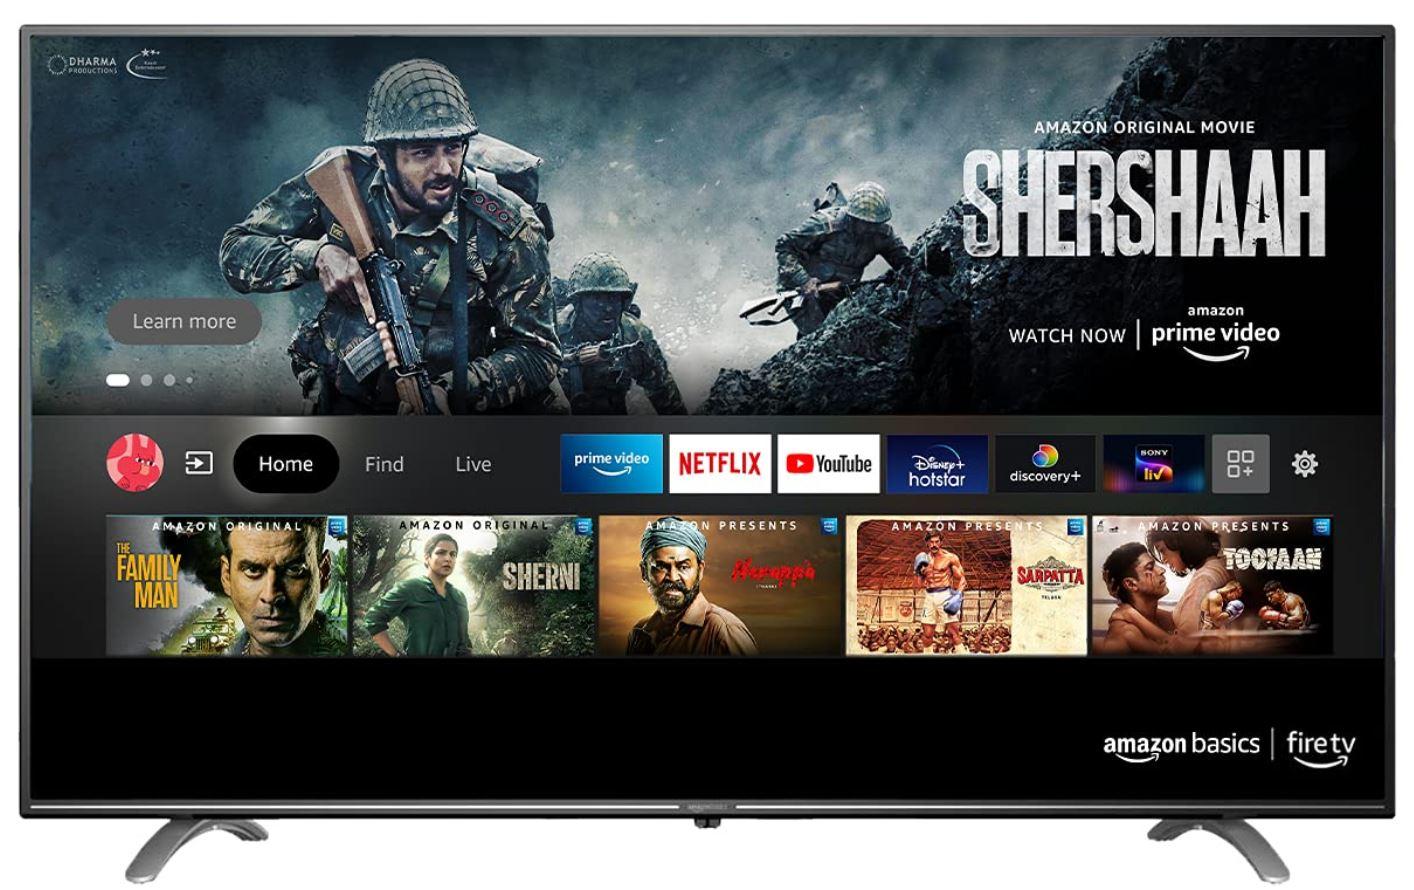 Amazon TV Fernseher Amazonbasics Indien